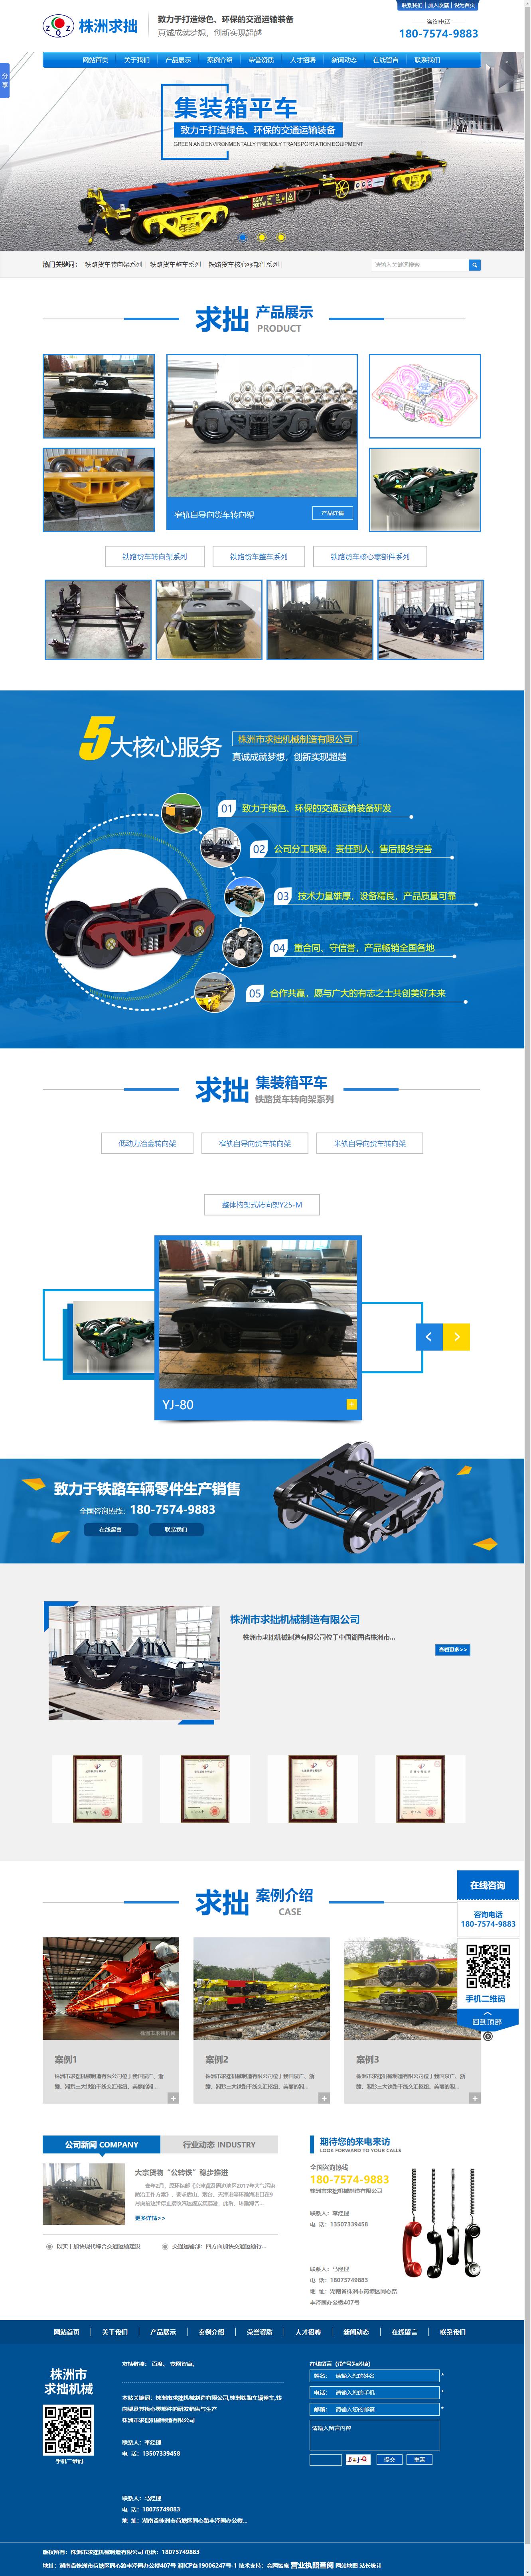 株洲市求拙机械制造有限公司网站案例